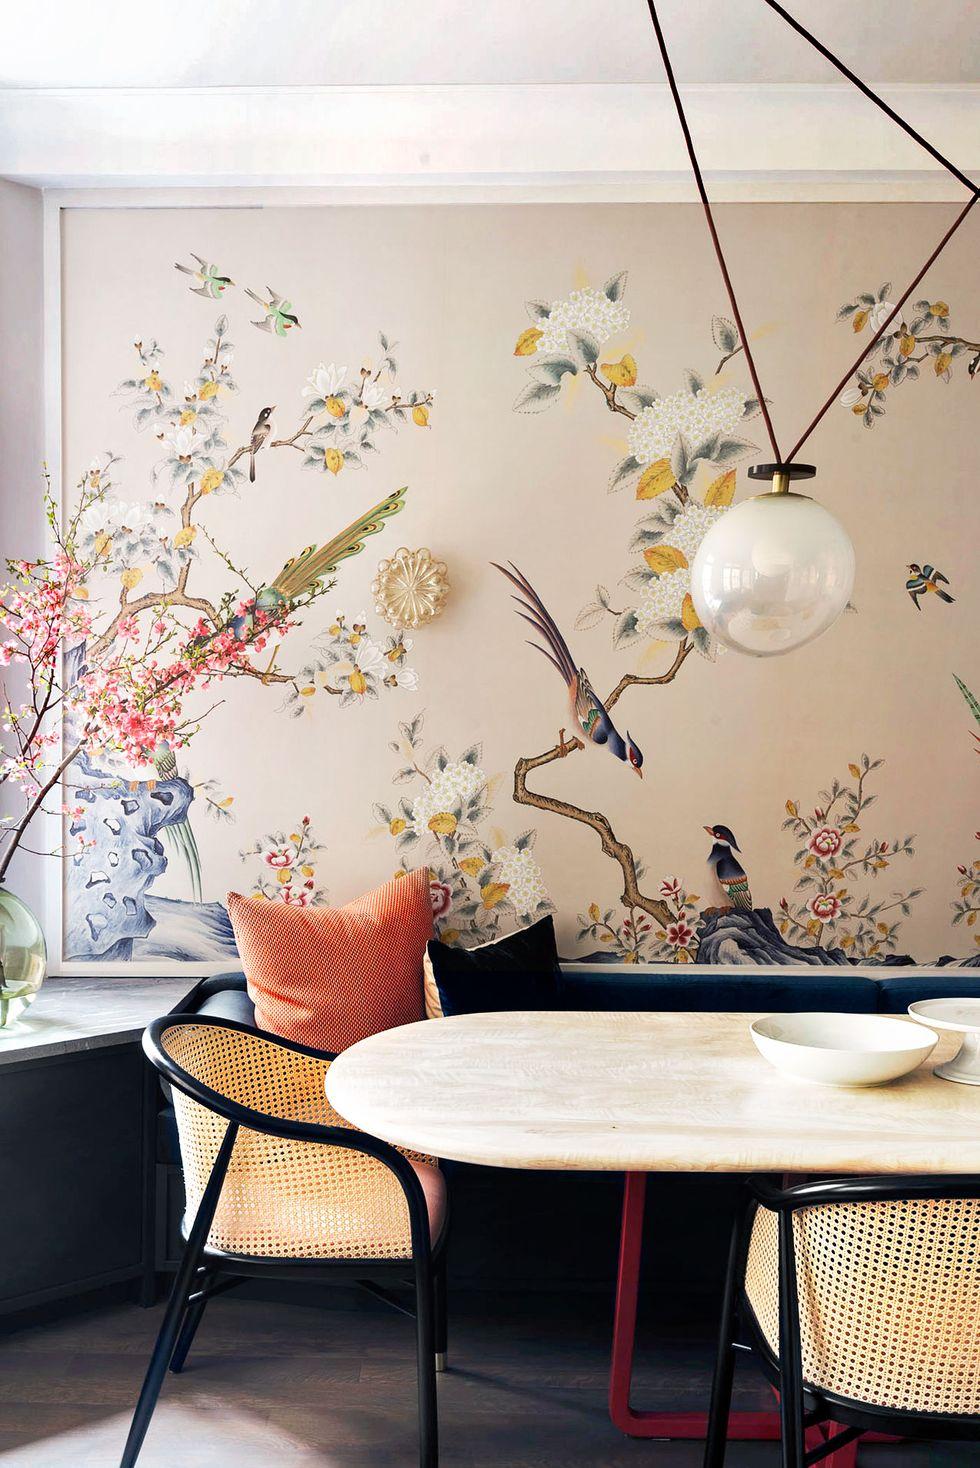 Dining-Room-Wallpaper-Ideas